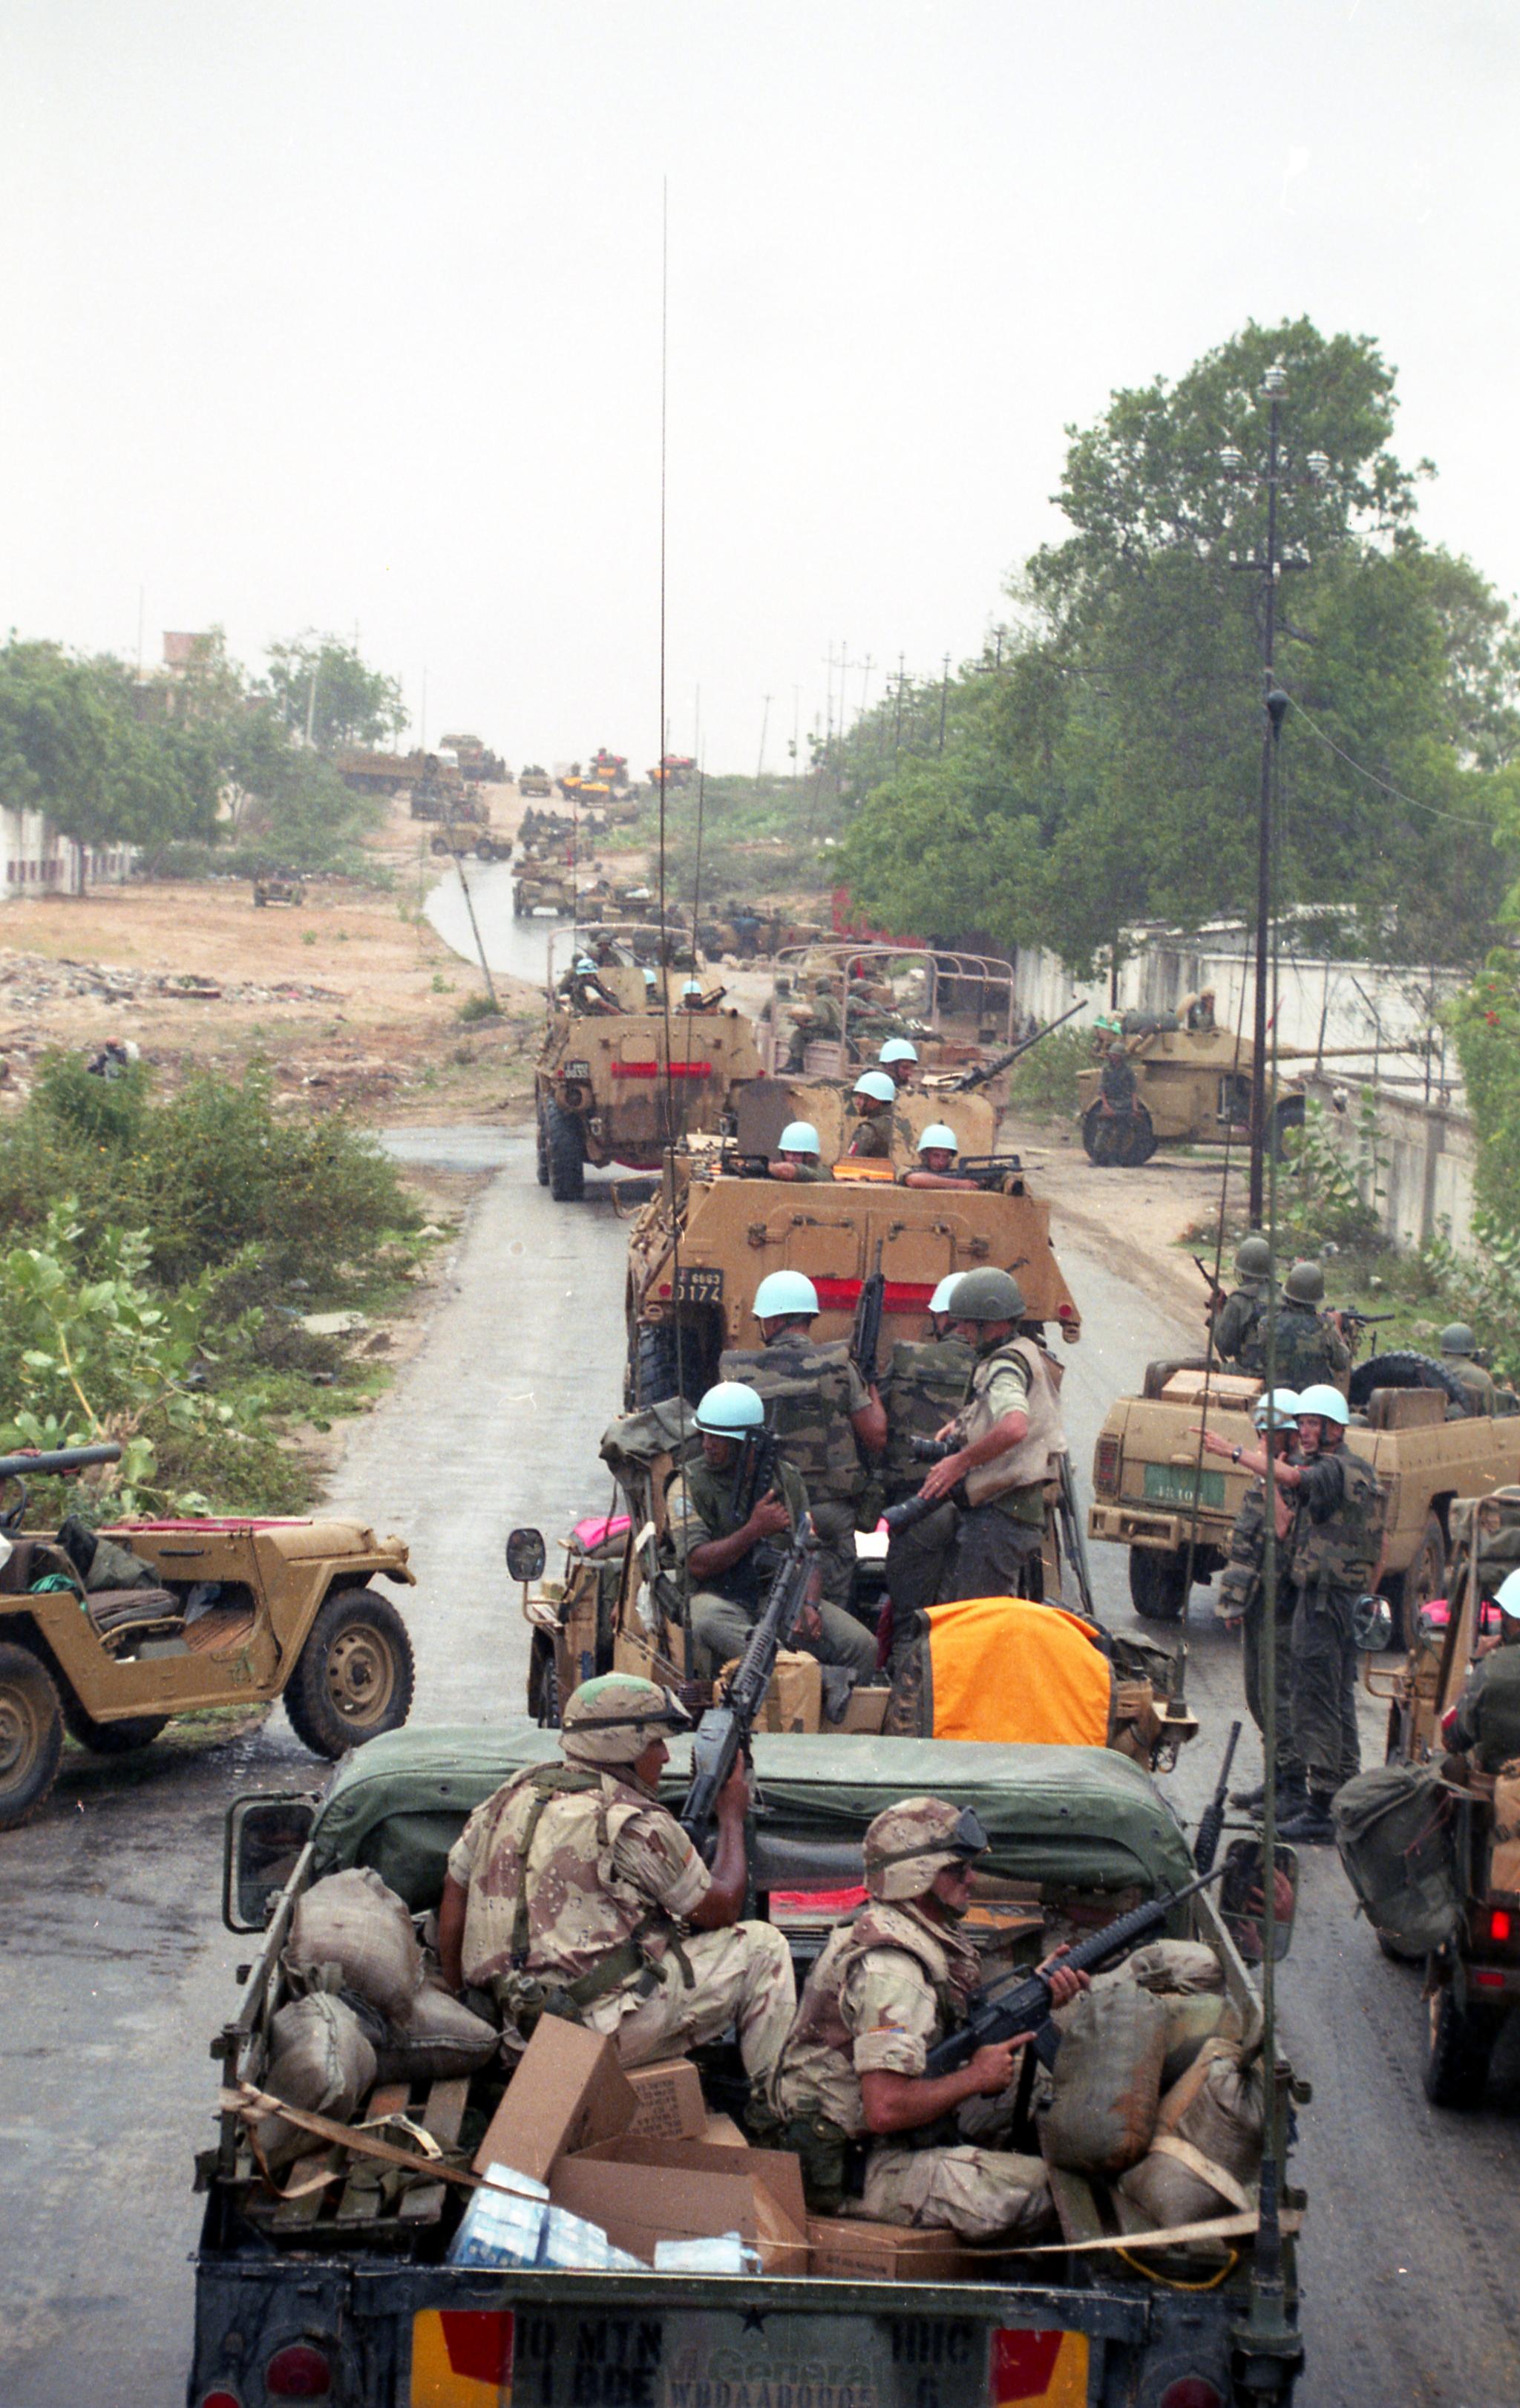 Les FAR en Somalie - Page 2 47056319904_6b4e9b0d08_o